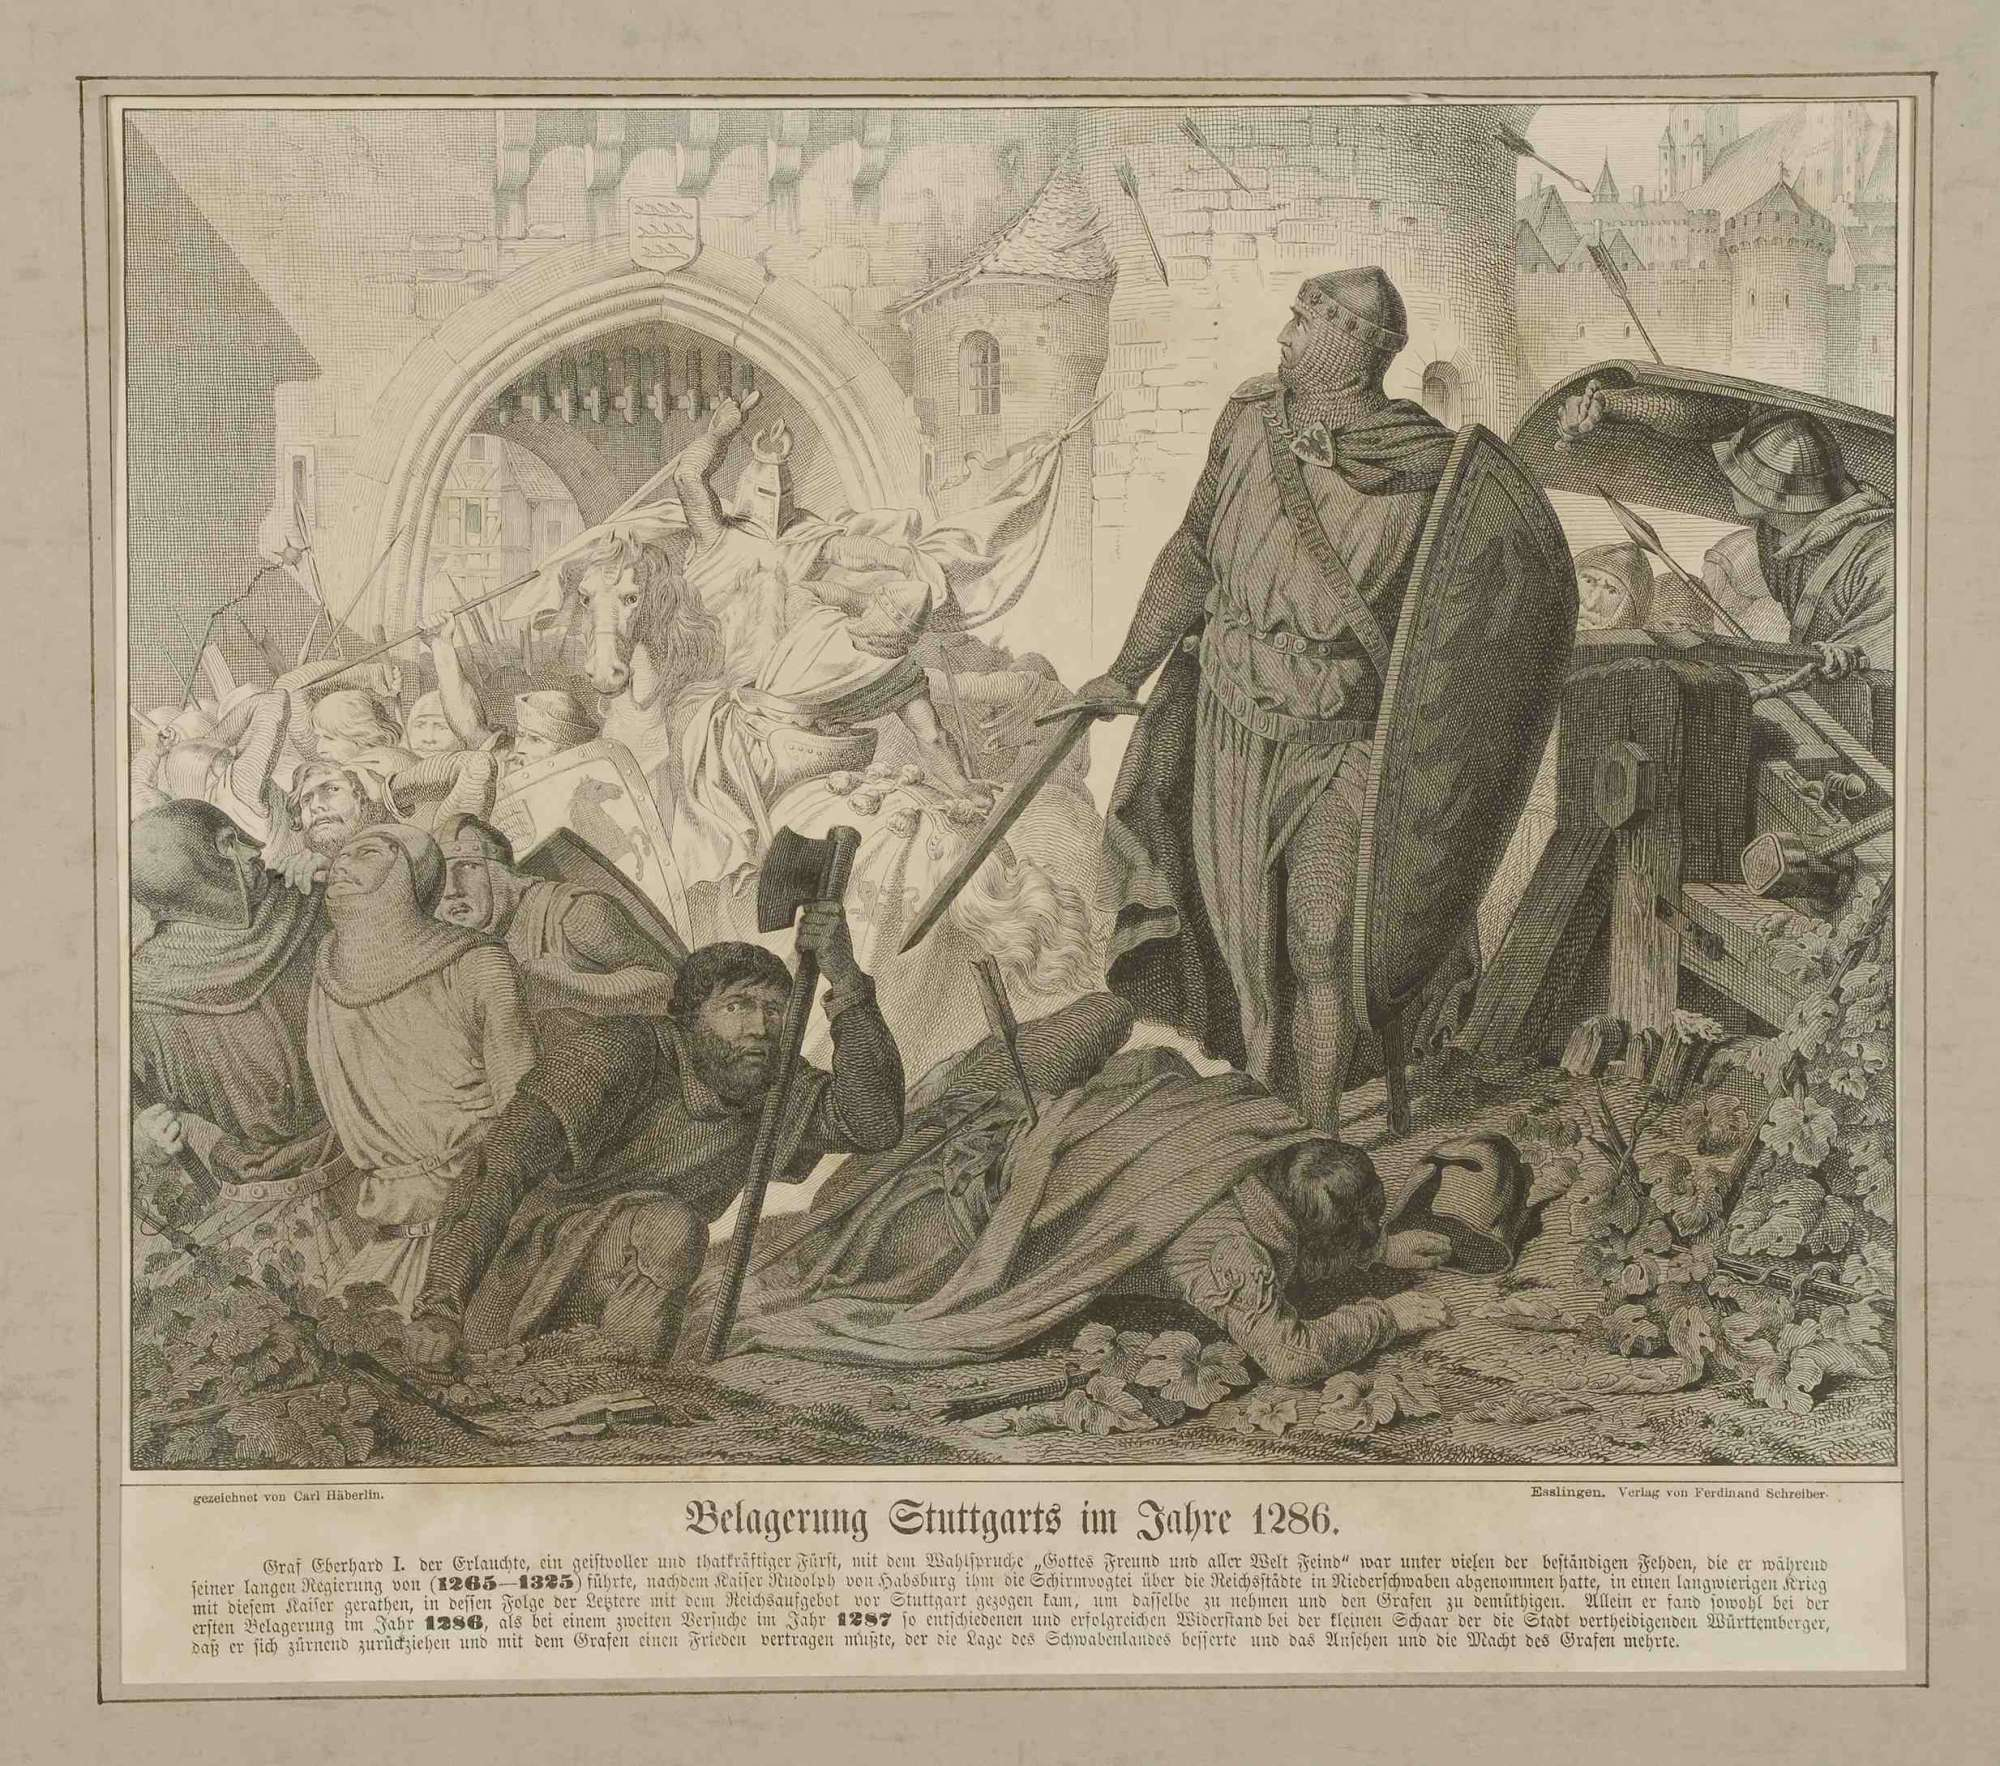 Schlachtszene während der vergeblichen Belagerung Stuttgarts durch kaiserliche Truppen 1286, vor dem Stadttor Graf Eberhard I. von Württemberg (der Erlauchte), Bild 1